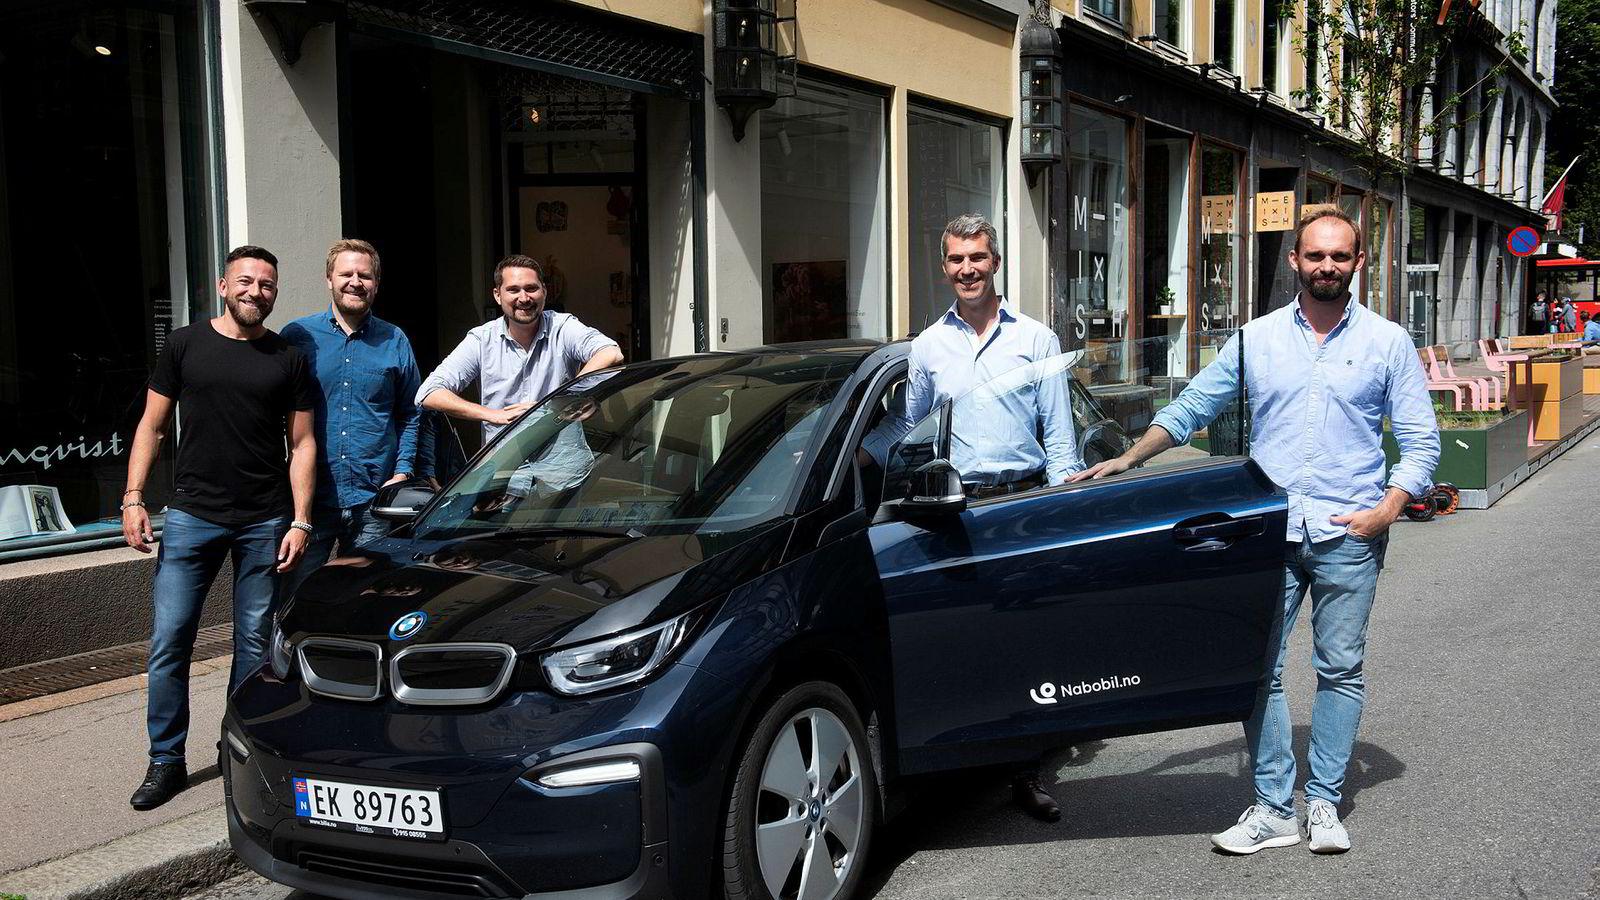 Sam Zaid (til venstre) er den nye eieren av Nabobil. Her er han sammen med daglig leder Even Tangen-Heggernes og de tre gründerne Karl Munthe-Kaas, Jacob Tveraabak og Christian Persson Hager.